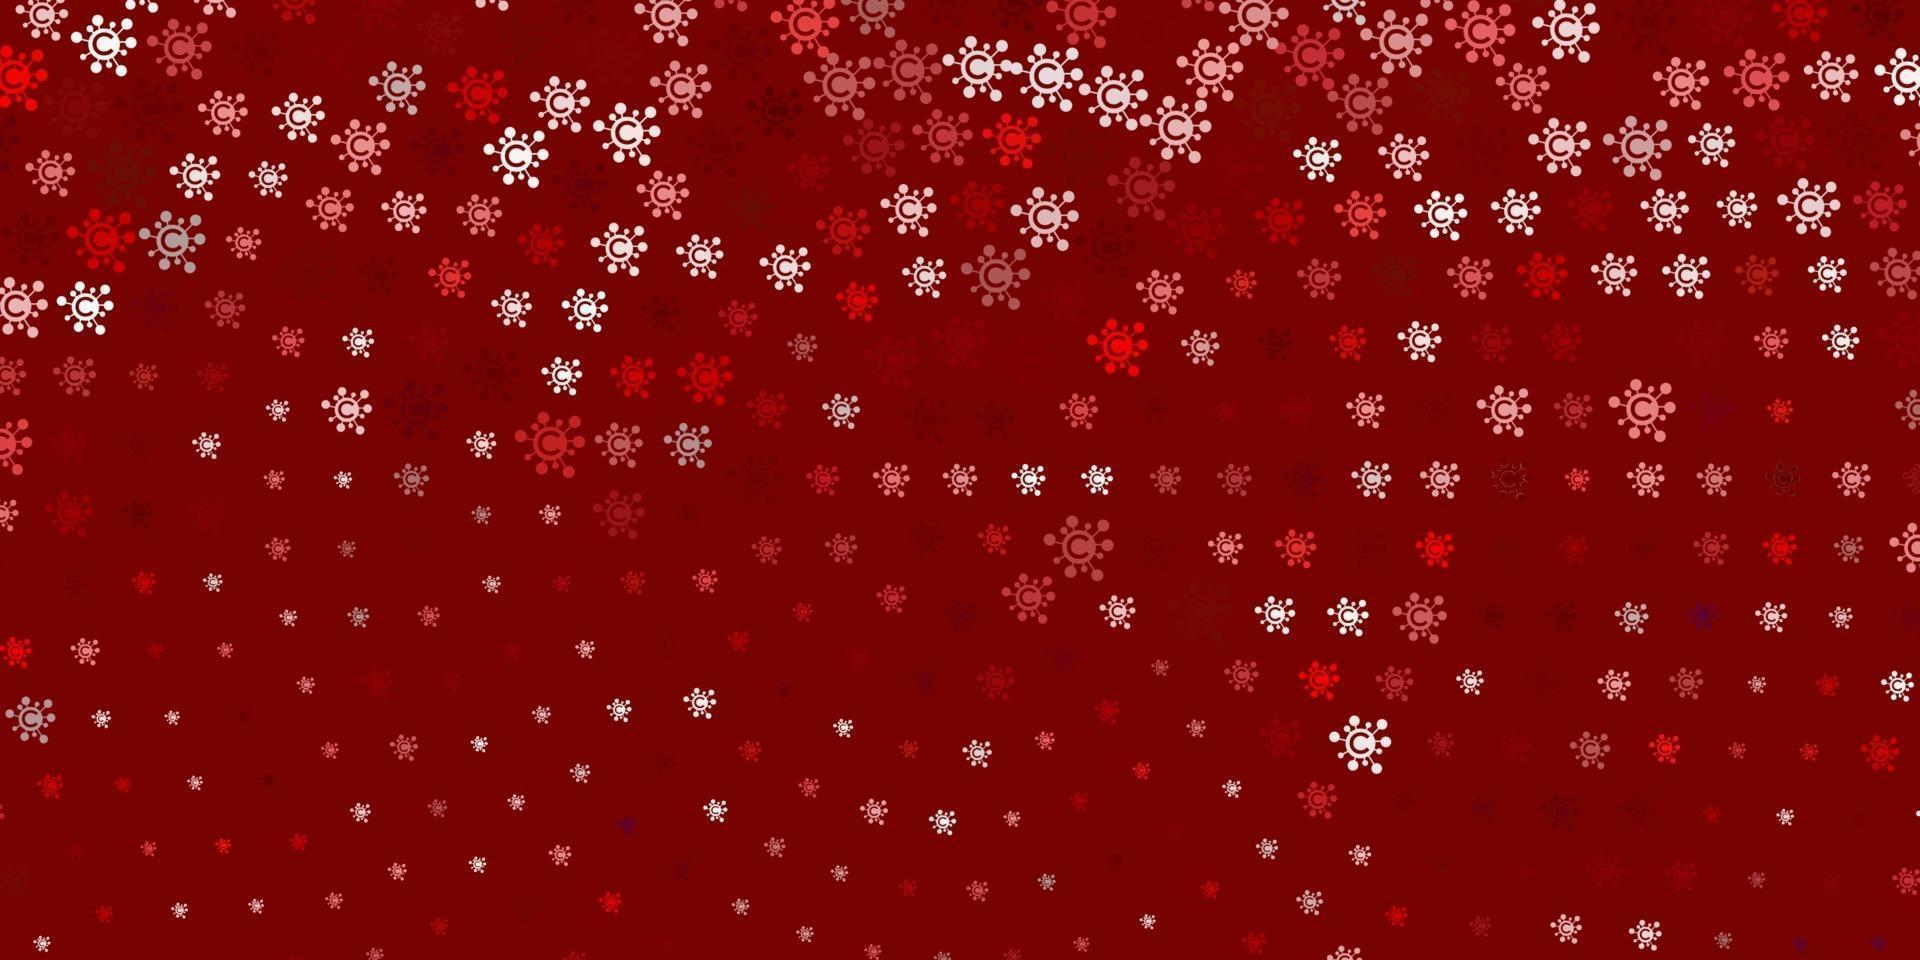 toile de fond de vecteur rouge clair avec symboles de virus.